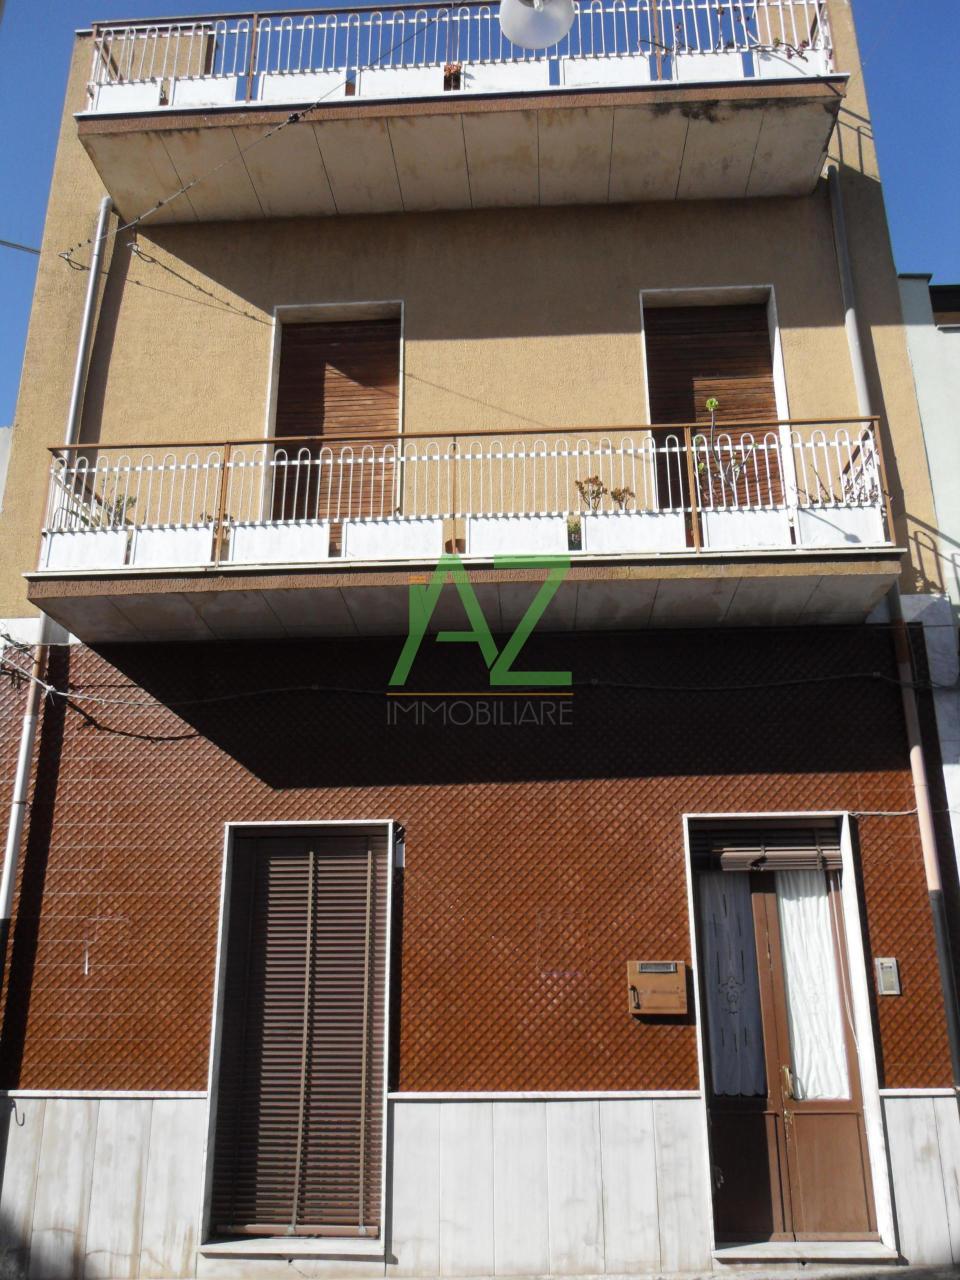 Soluzione Semindipendente in vendita a Santa Maria di Licodia, 3 locali, prezzo € 62.000 | Cambio Casa.it